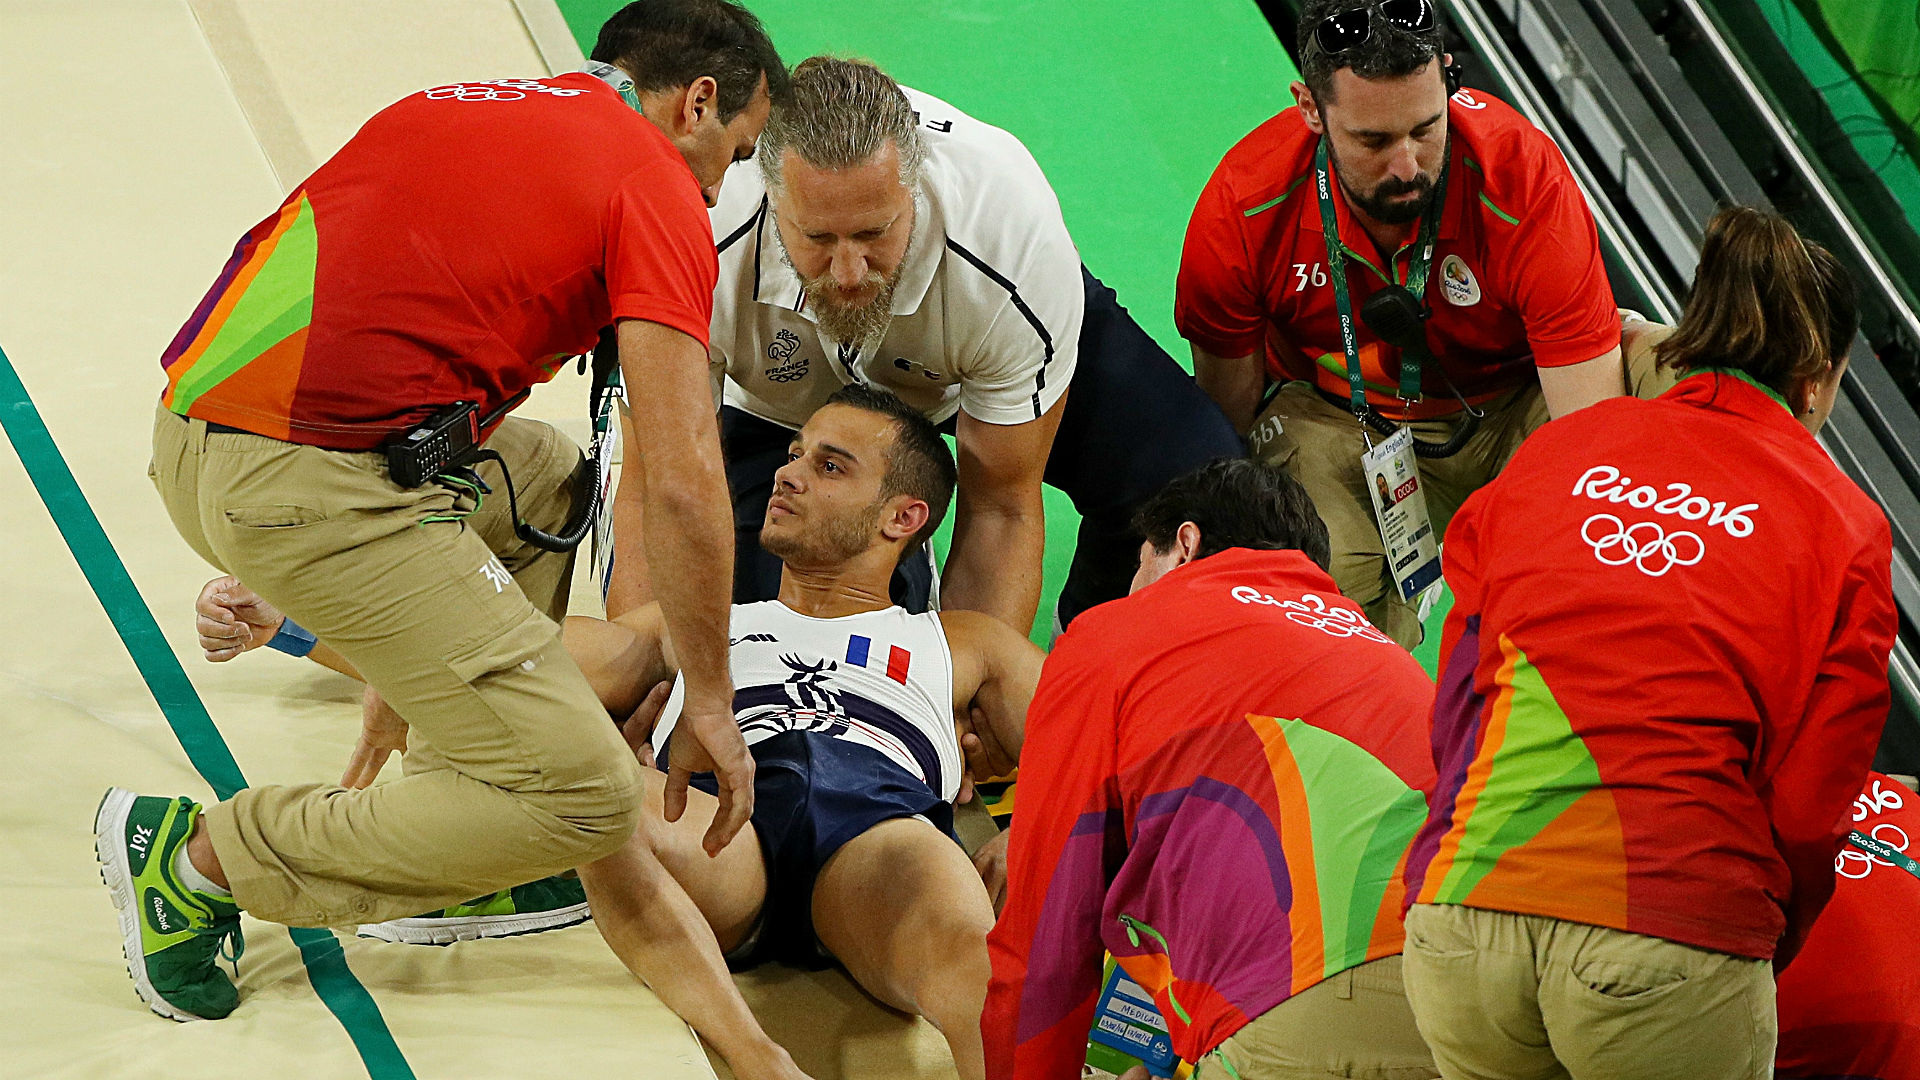 Vídeo mostra paramédicos derrubando ginasta francês – Expresso AM